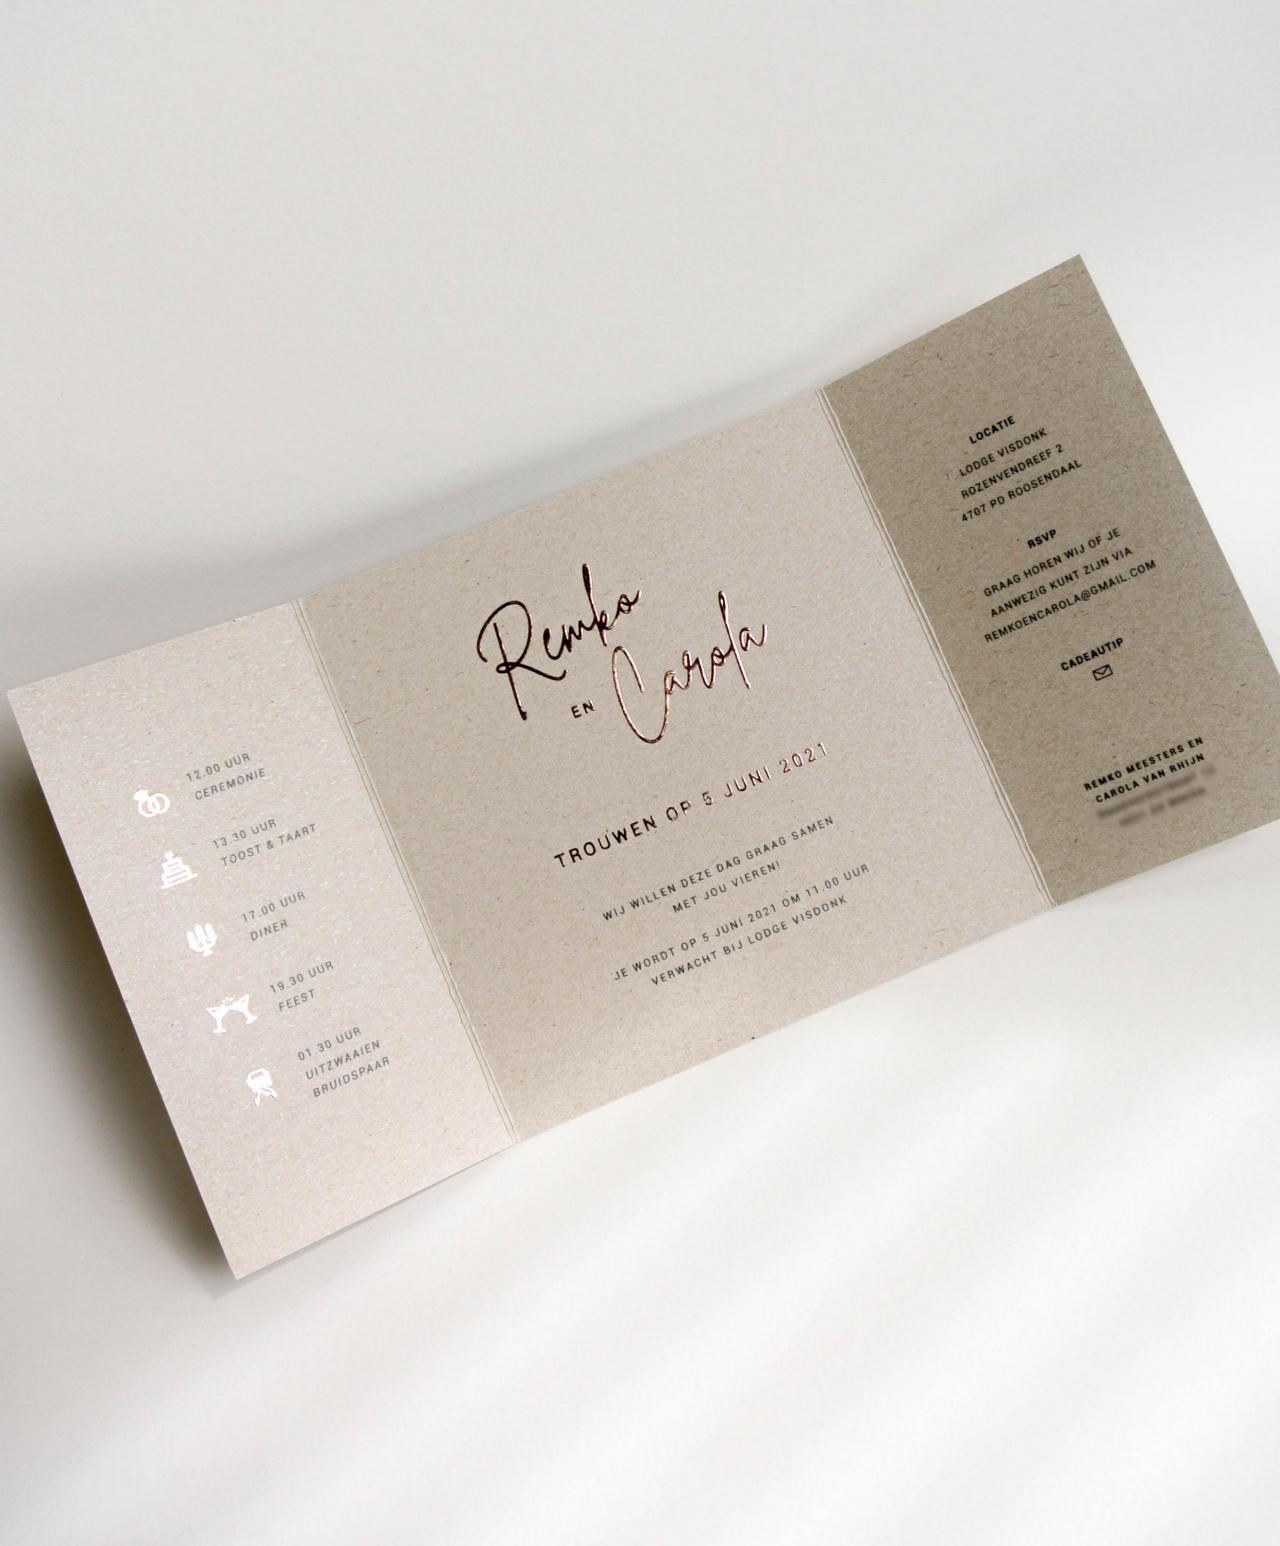 Trouwkaart Remko & Carola trouwkaart Brons zilver en goud